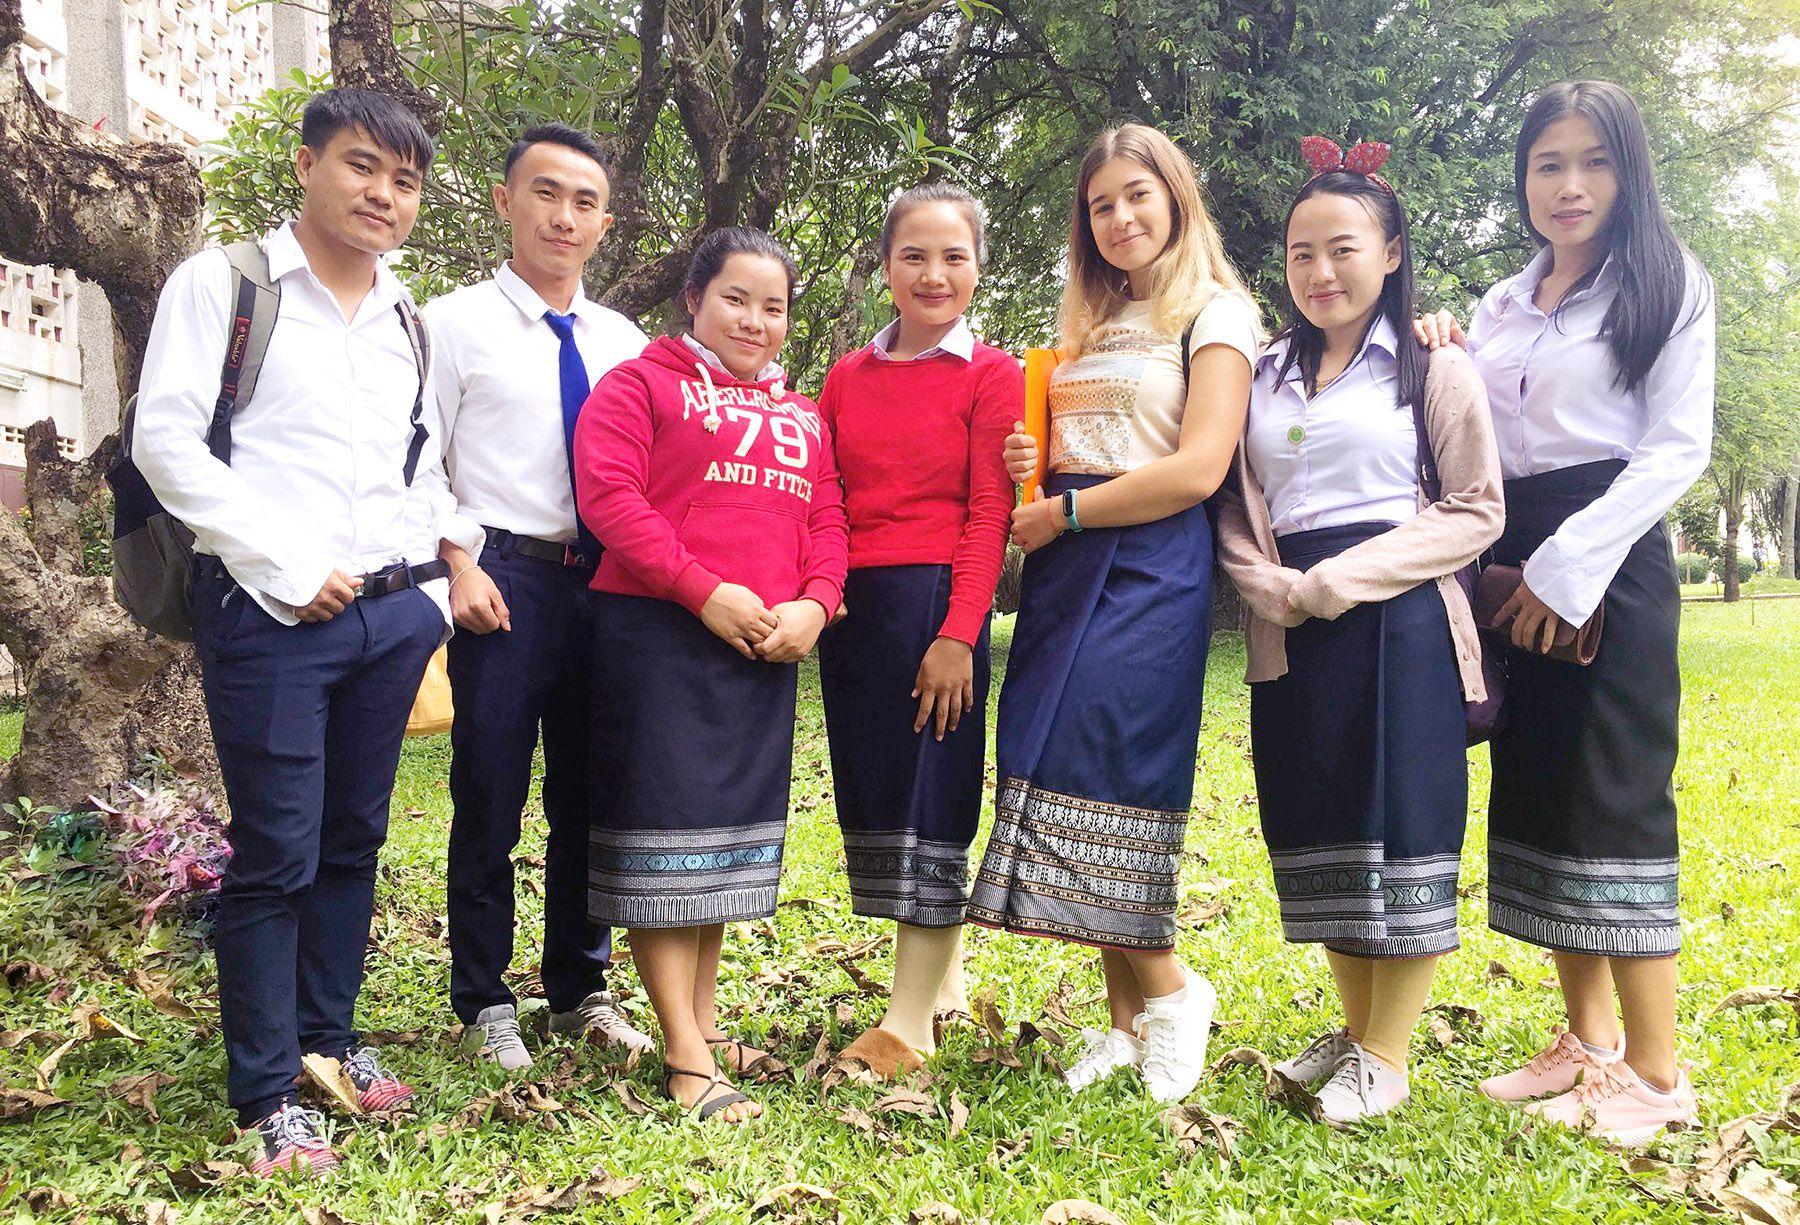 Всем большой привет из Лаоса! Преподаватель ВГУЭС Валерия Петоян учит русскому языку лаосских студентов